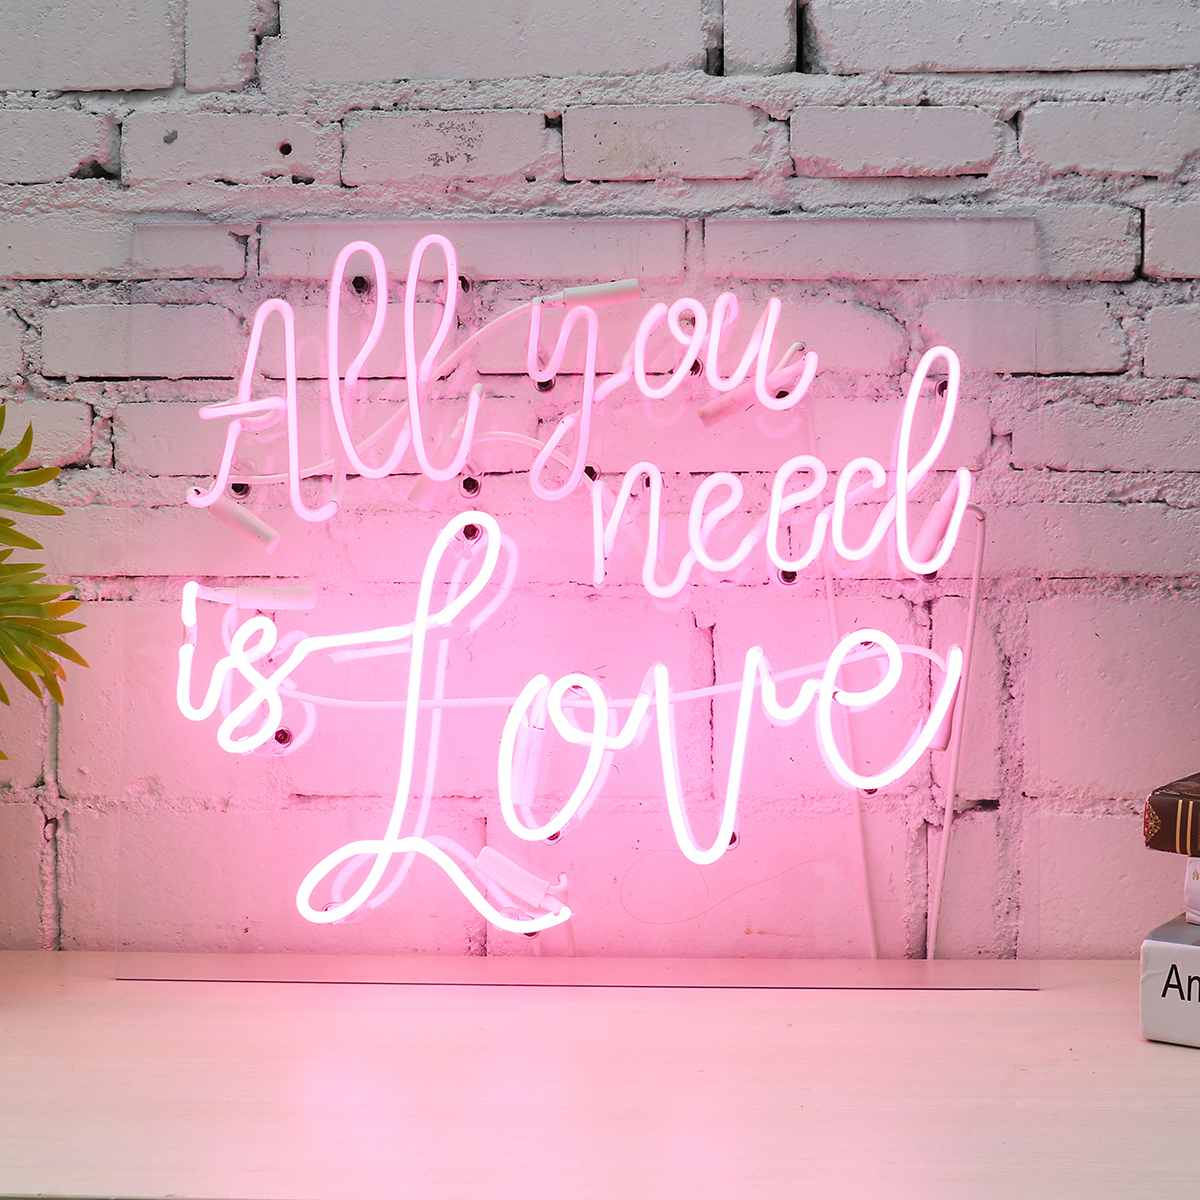 Tout ce dont vous avez besoin est amour néon signe LED illustration visuelle Bar Club applique murale lampe saint valentin fête mariage décoration vacances éclairage